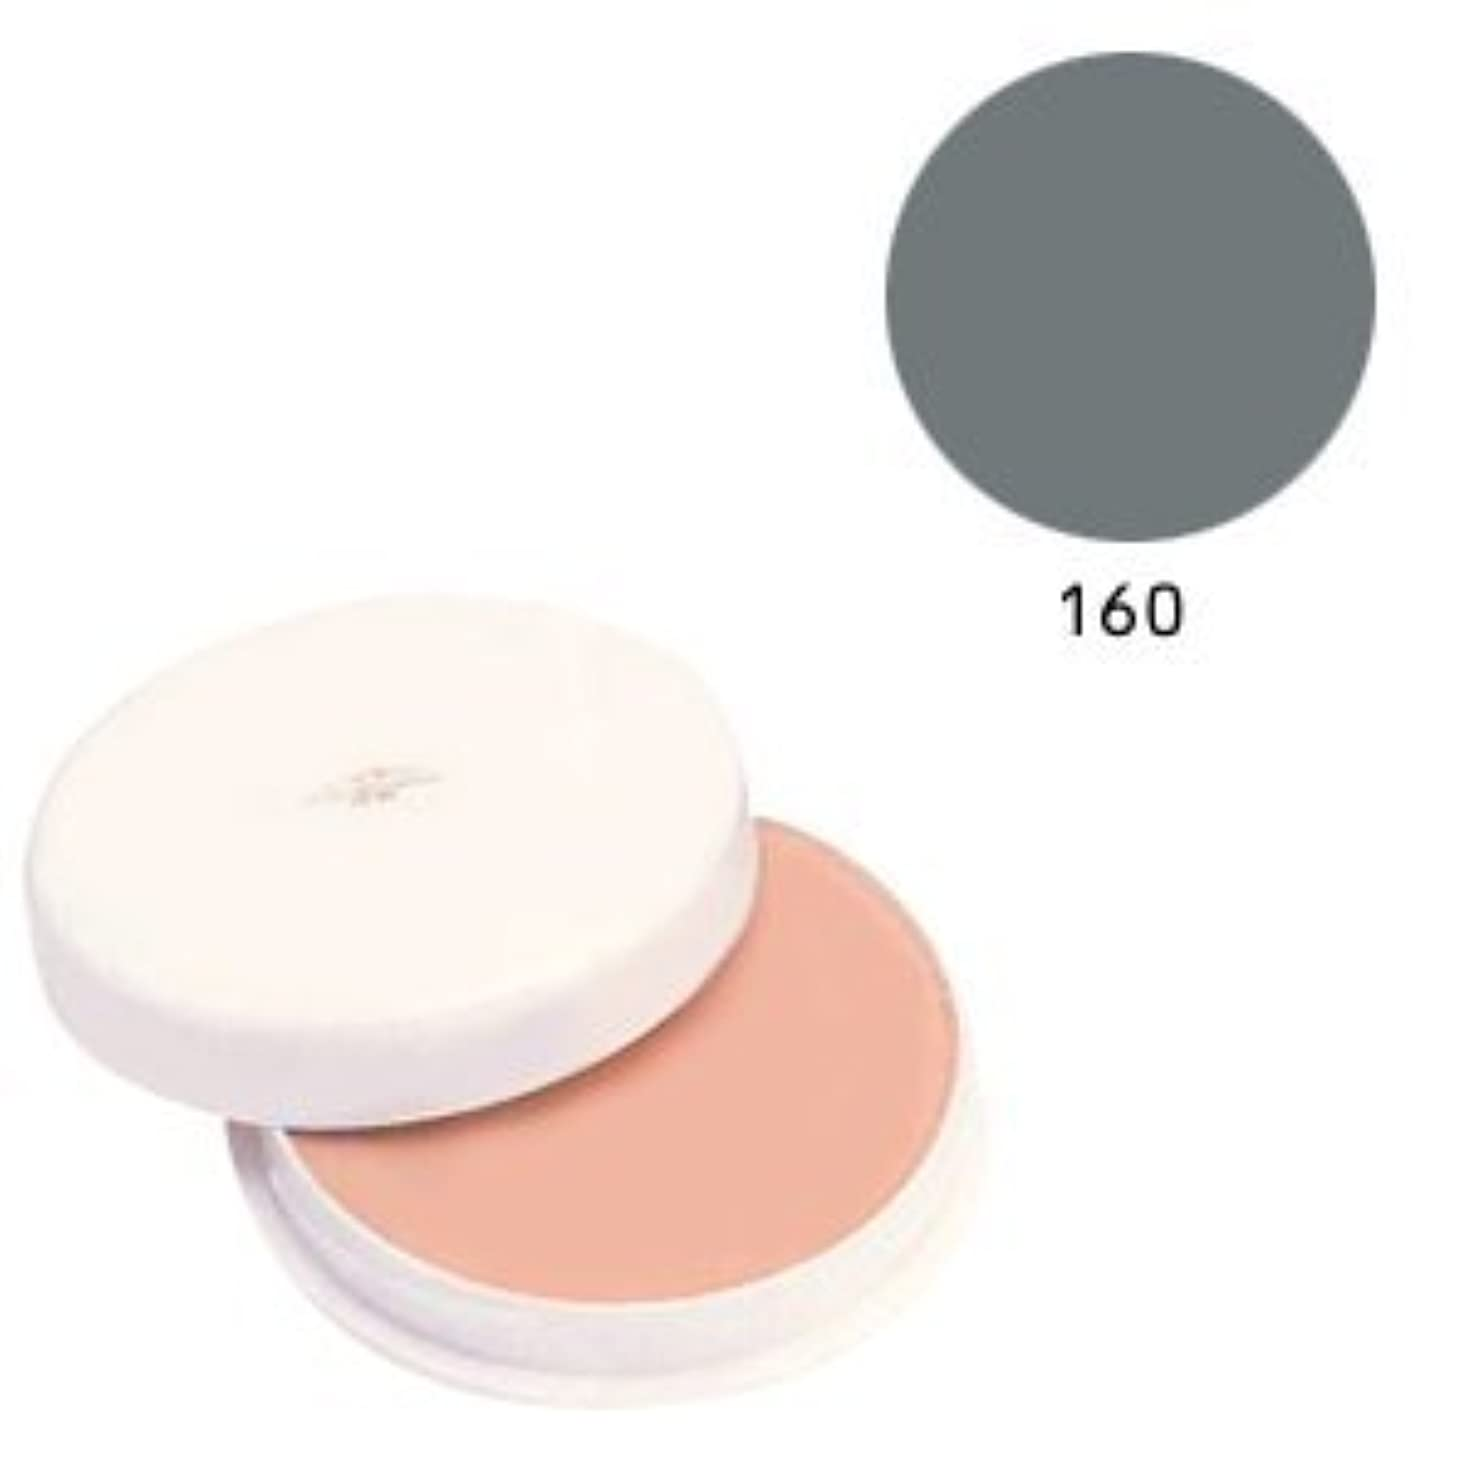 遅い記念品非難する三善 フェースケーキ ファンデーション コスプレメイク 160 カラー:ネイビー系 (C)